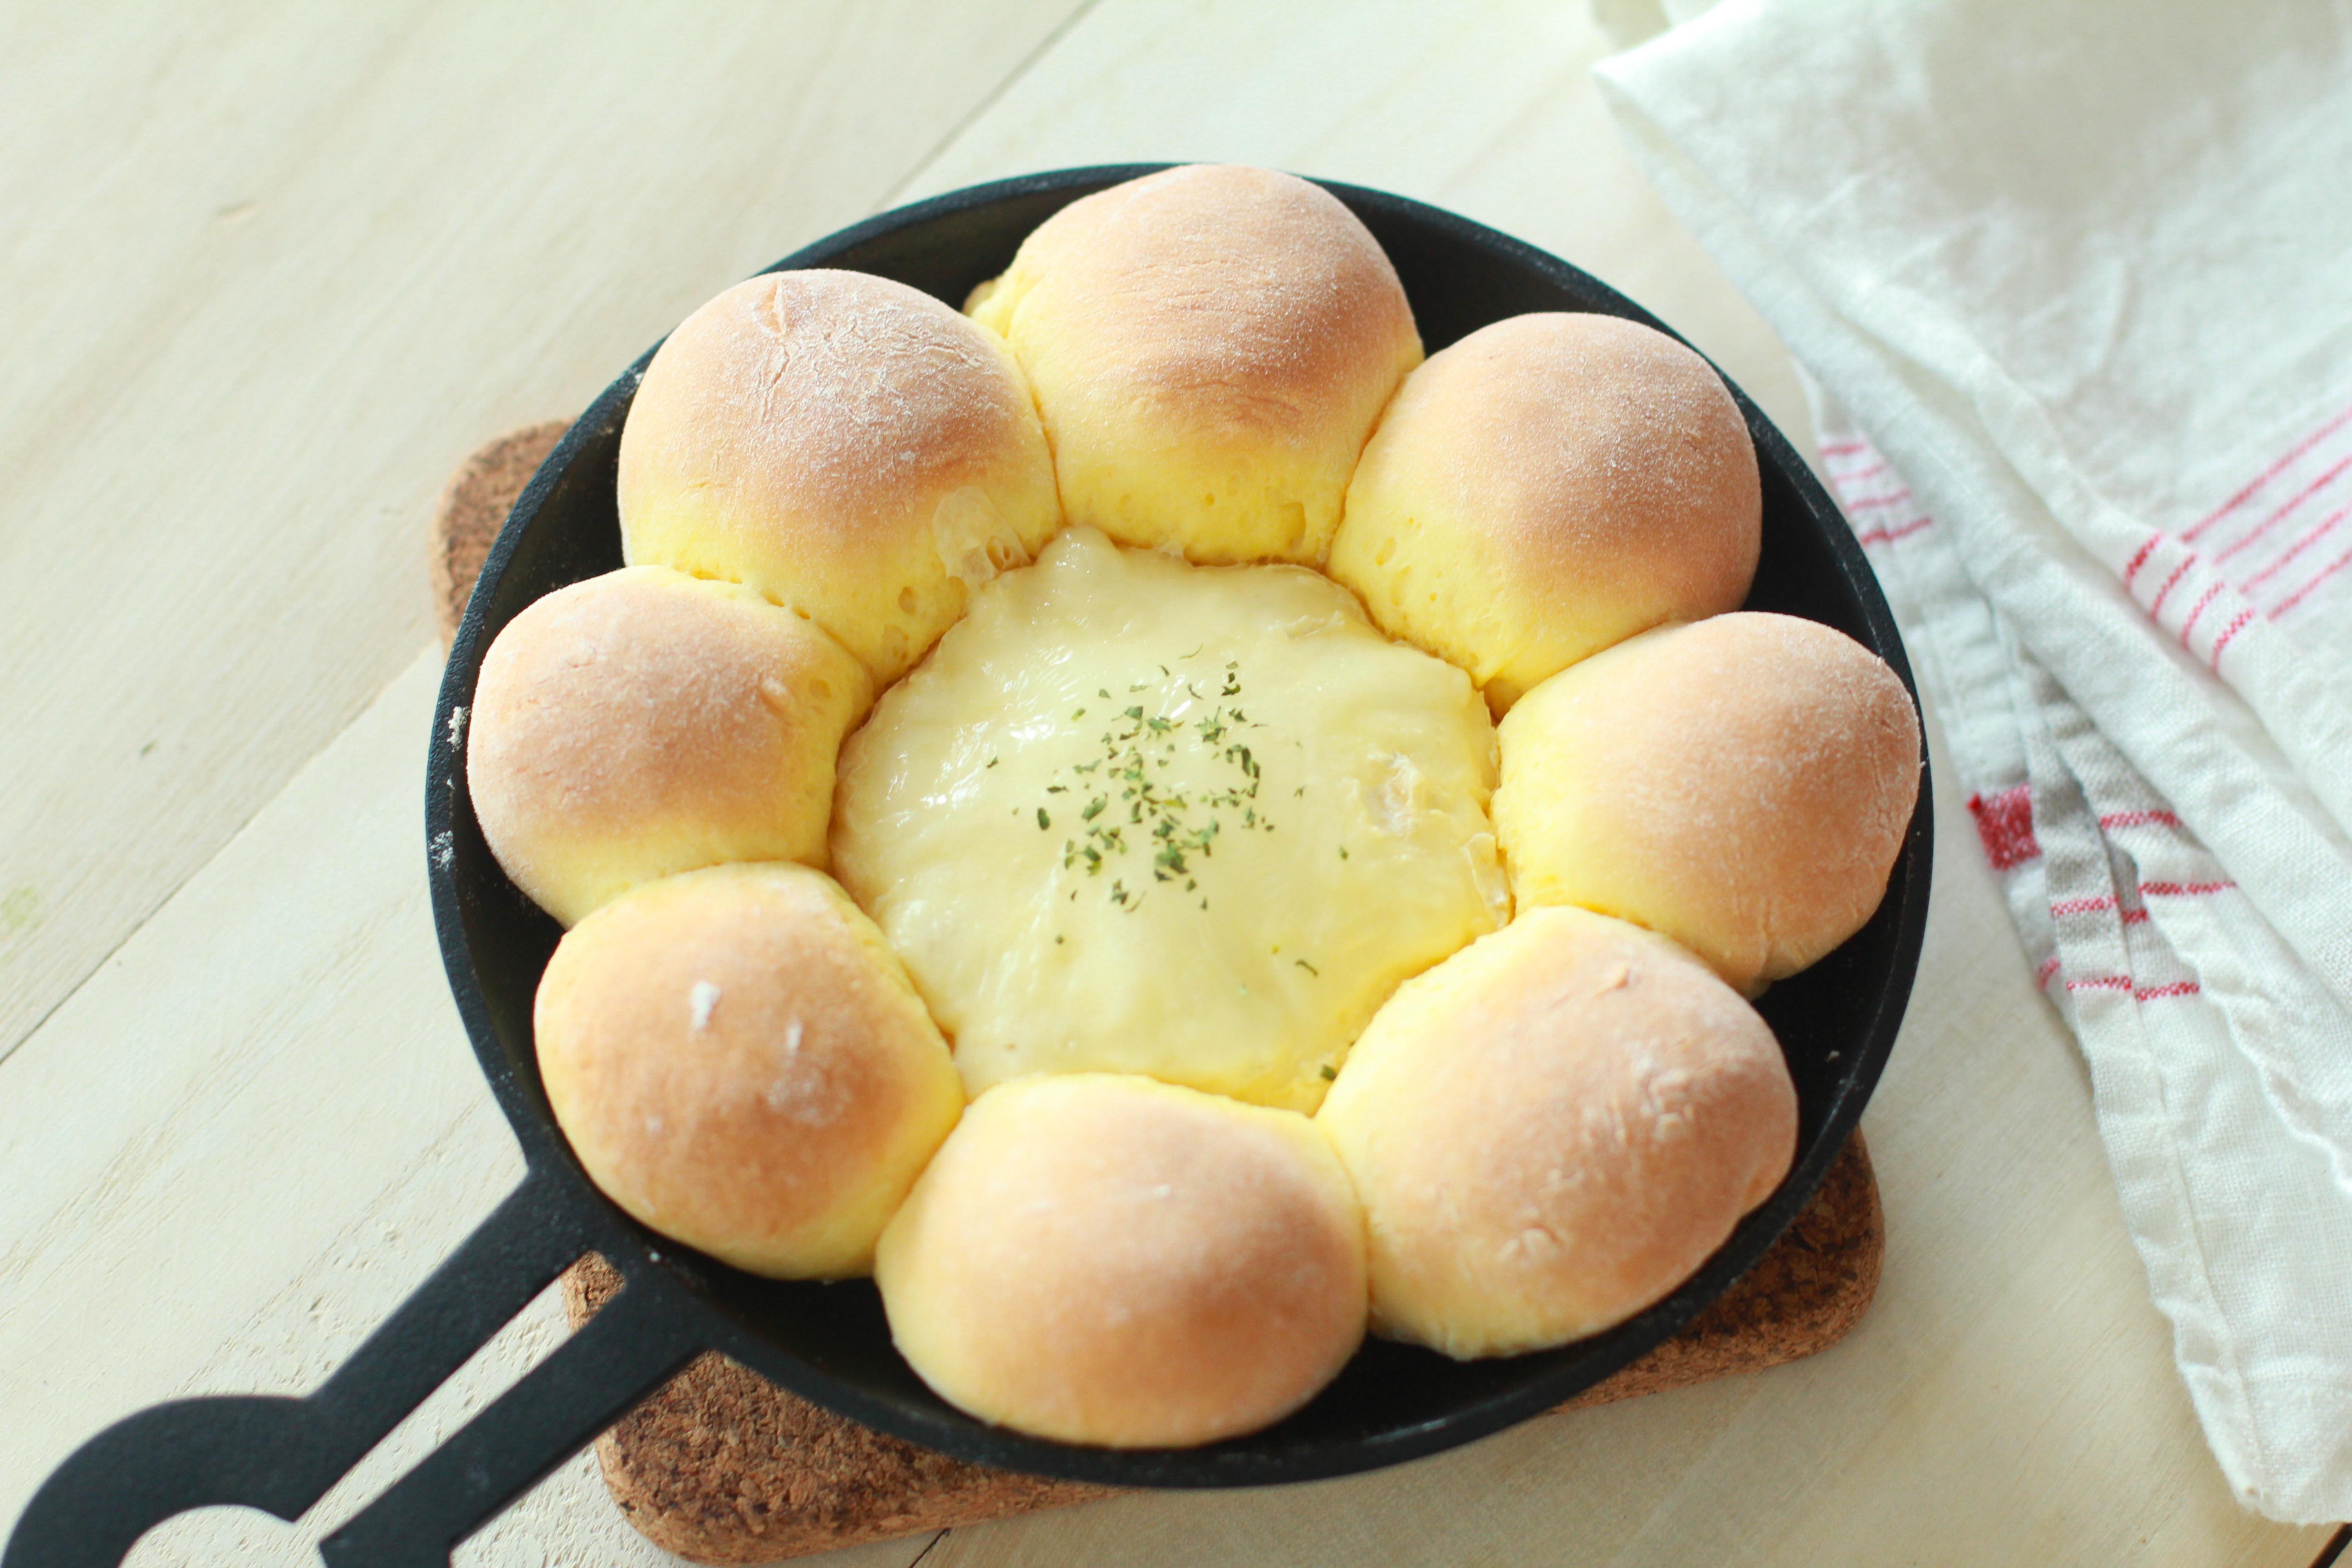 海外フードブロガーから火がついた、ディップが楽しい「ちぎりパン」の進化系